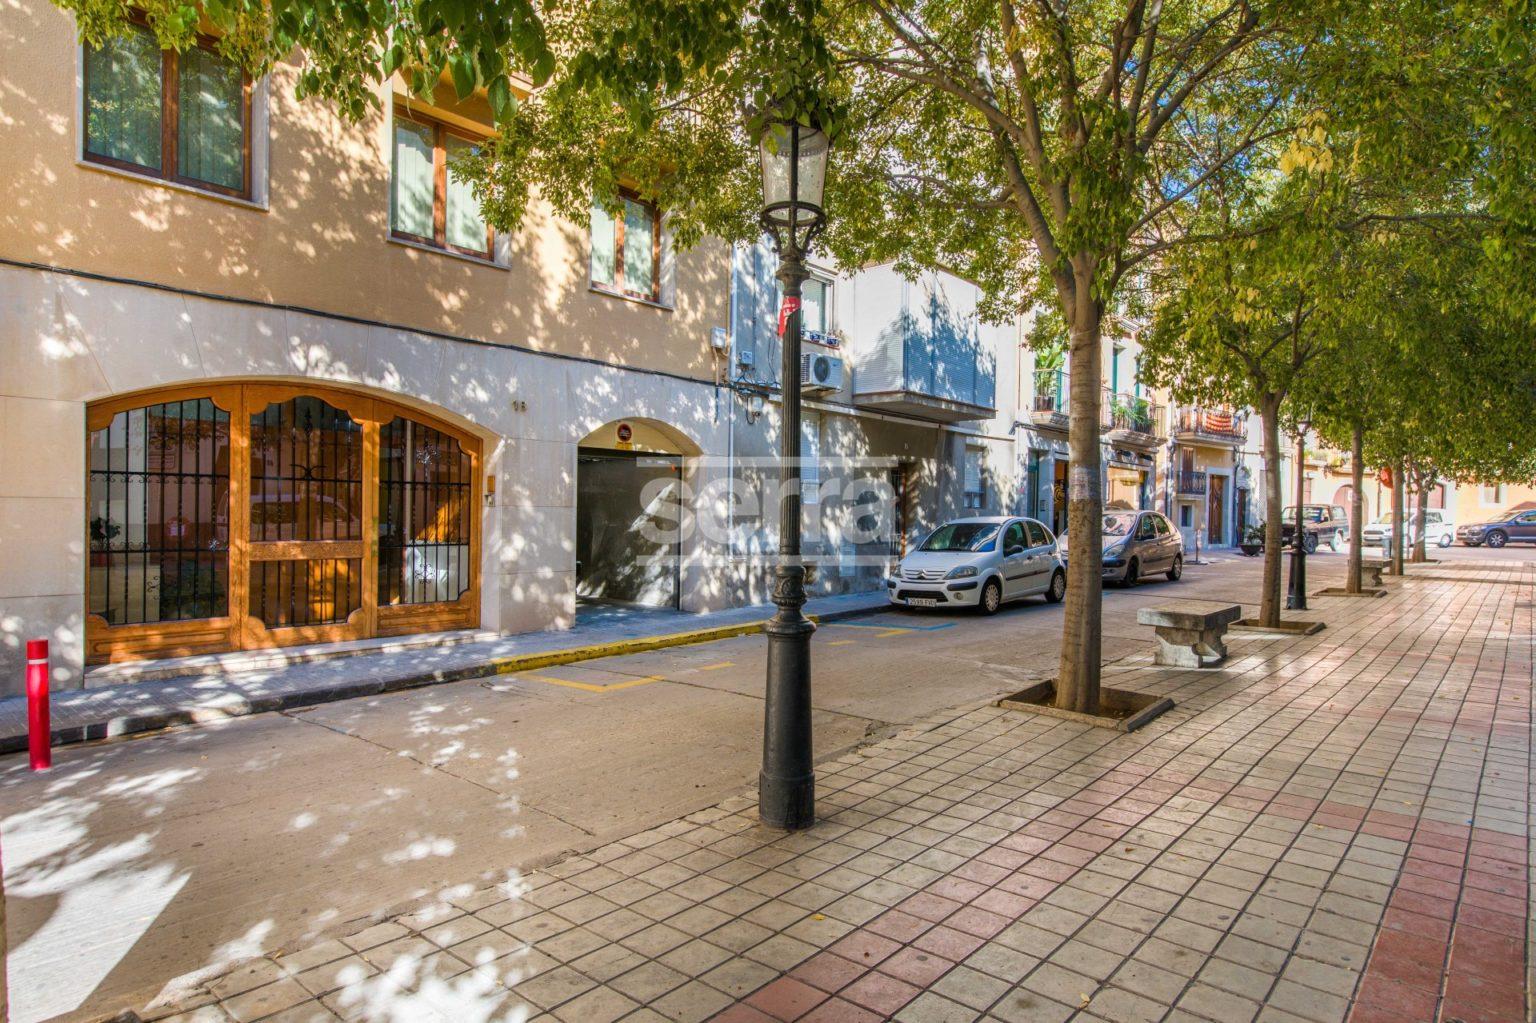 centre vilafranca del penedes